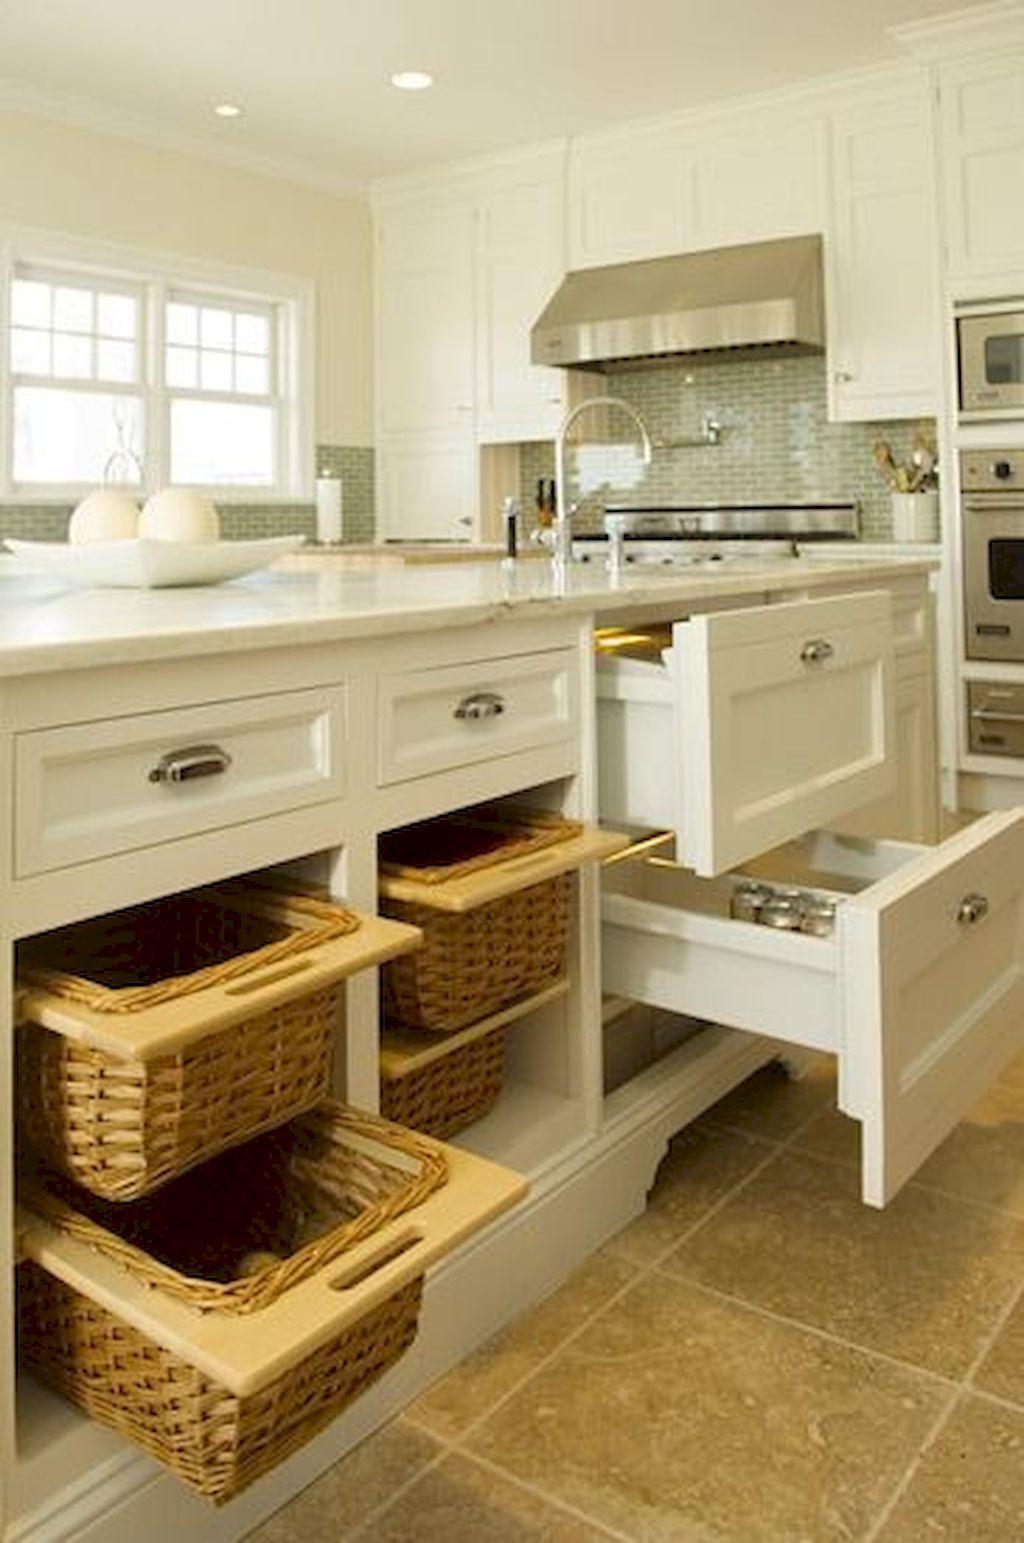 All Around Designed House With Kitchen Storage Home To Z Kitchen Island Storage Kitchen Design Kitchen Basket Storage